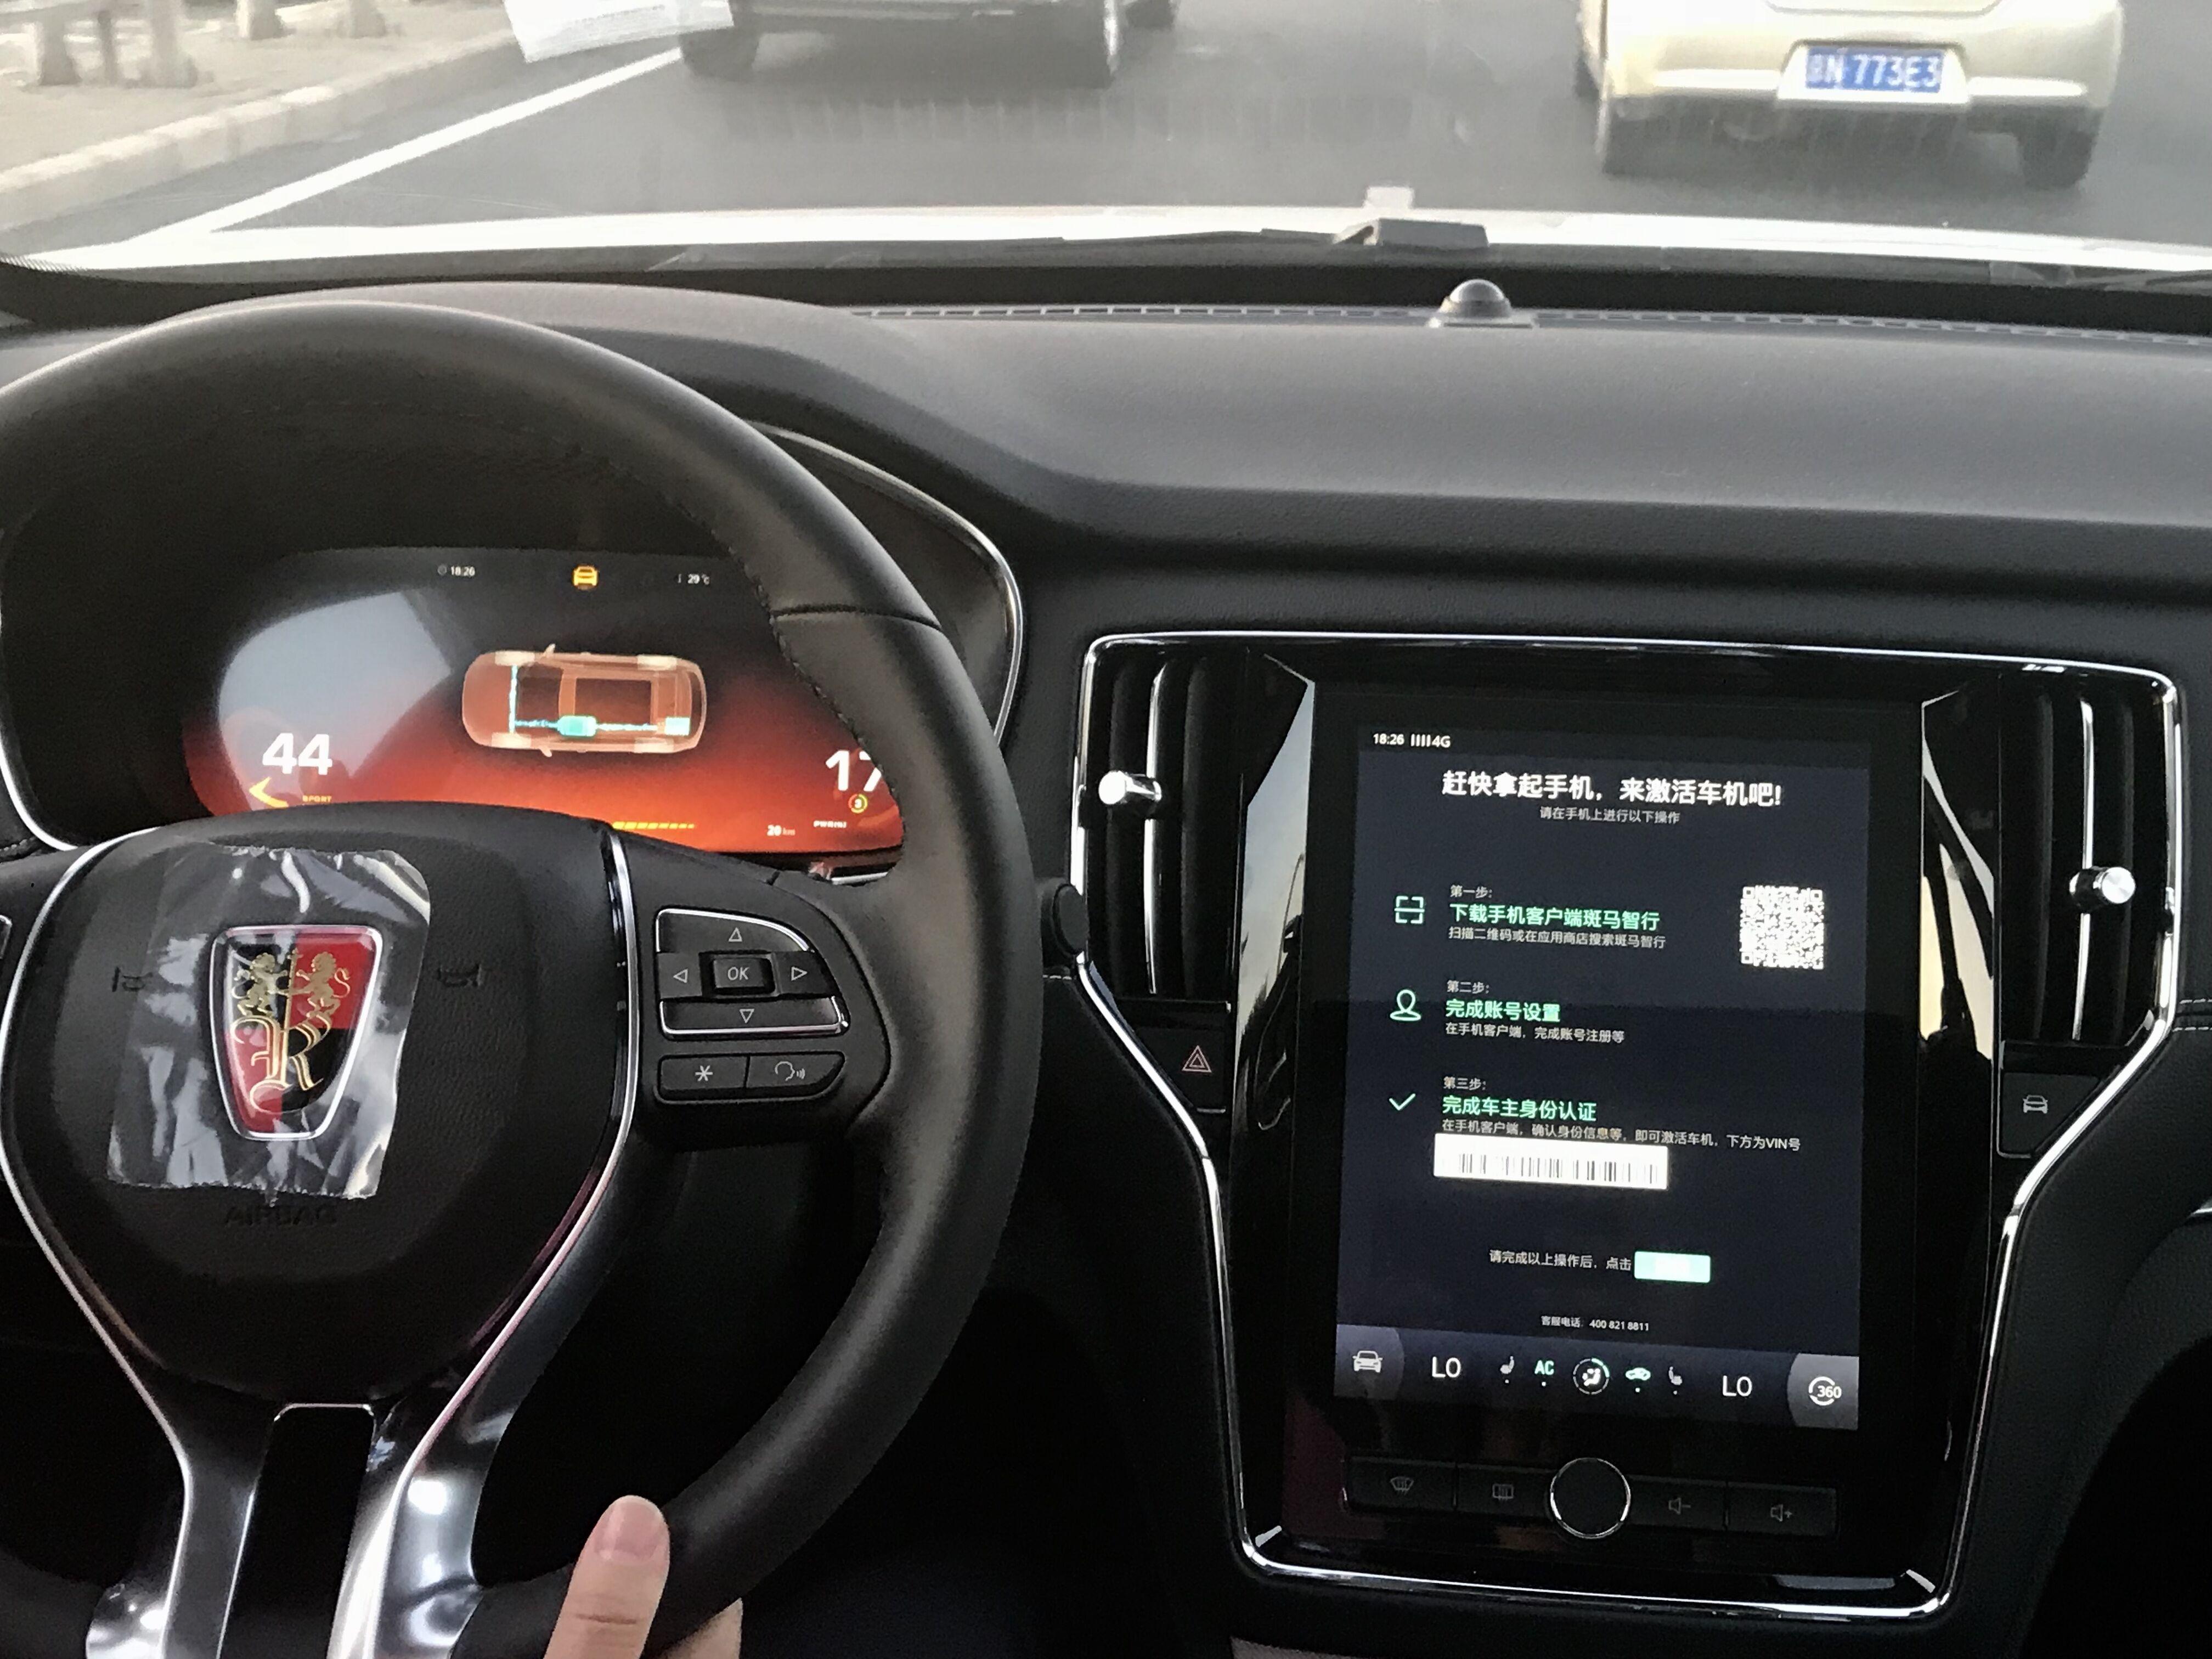 双积分制呼之欲出 中国将影响世界新能源车格局